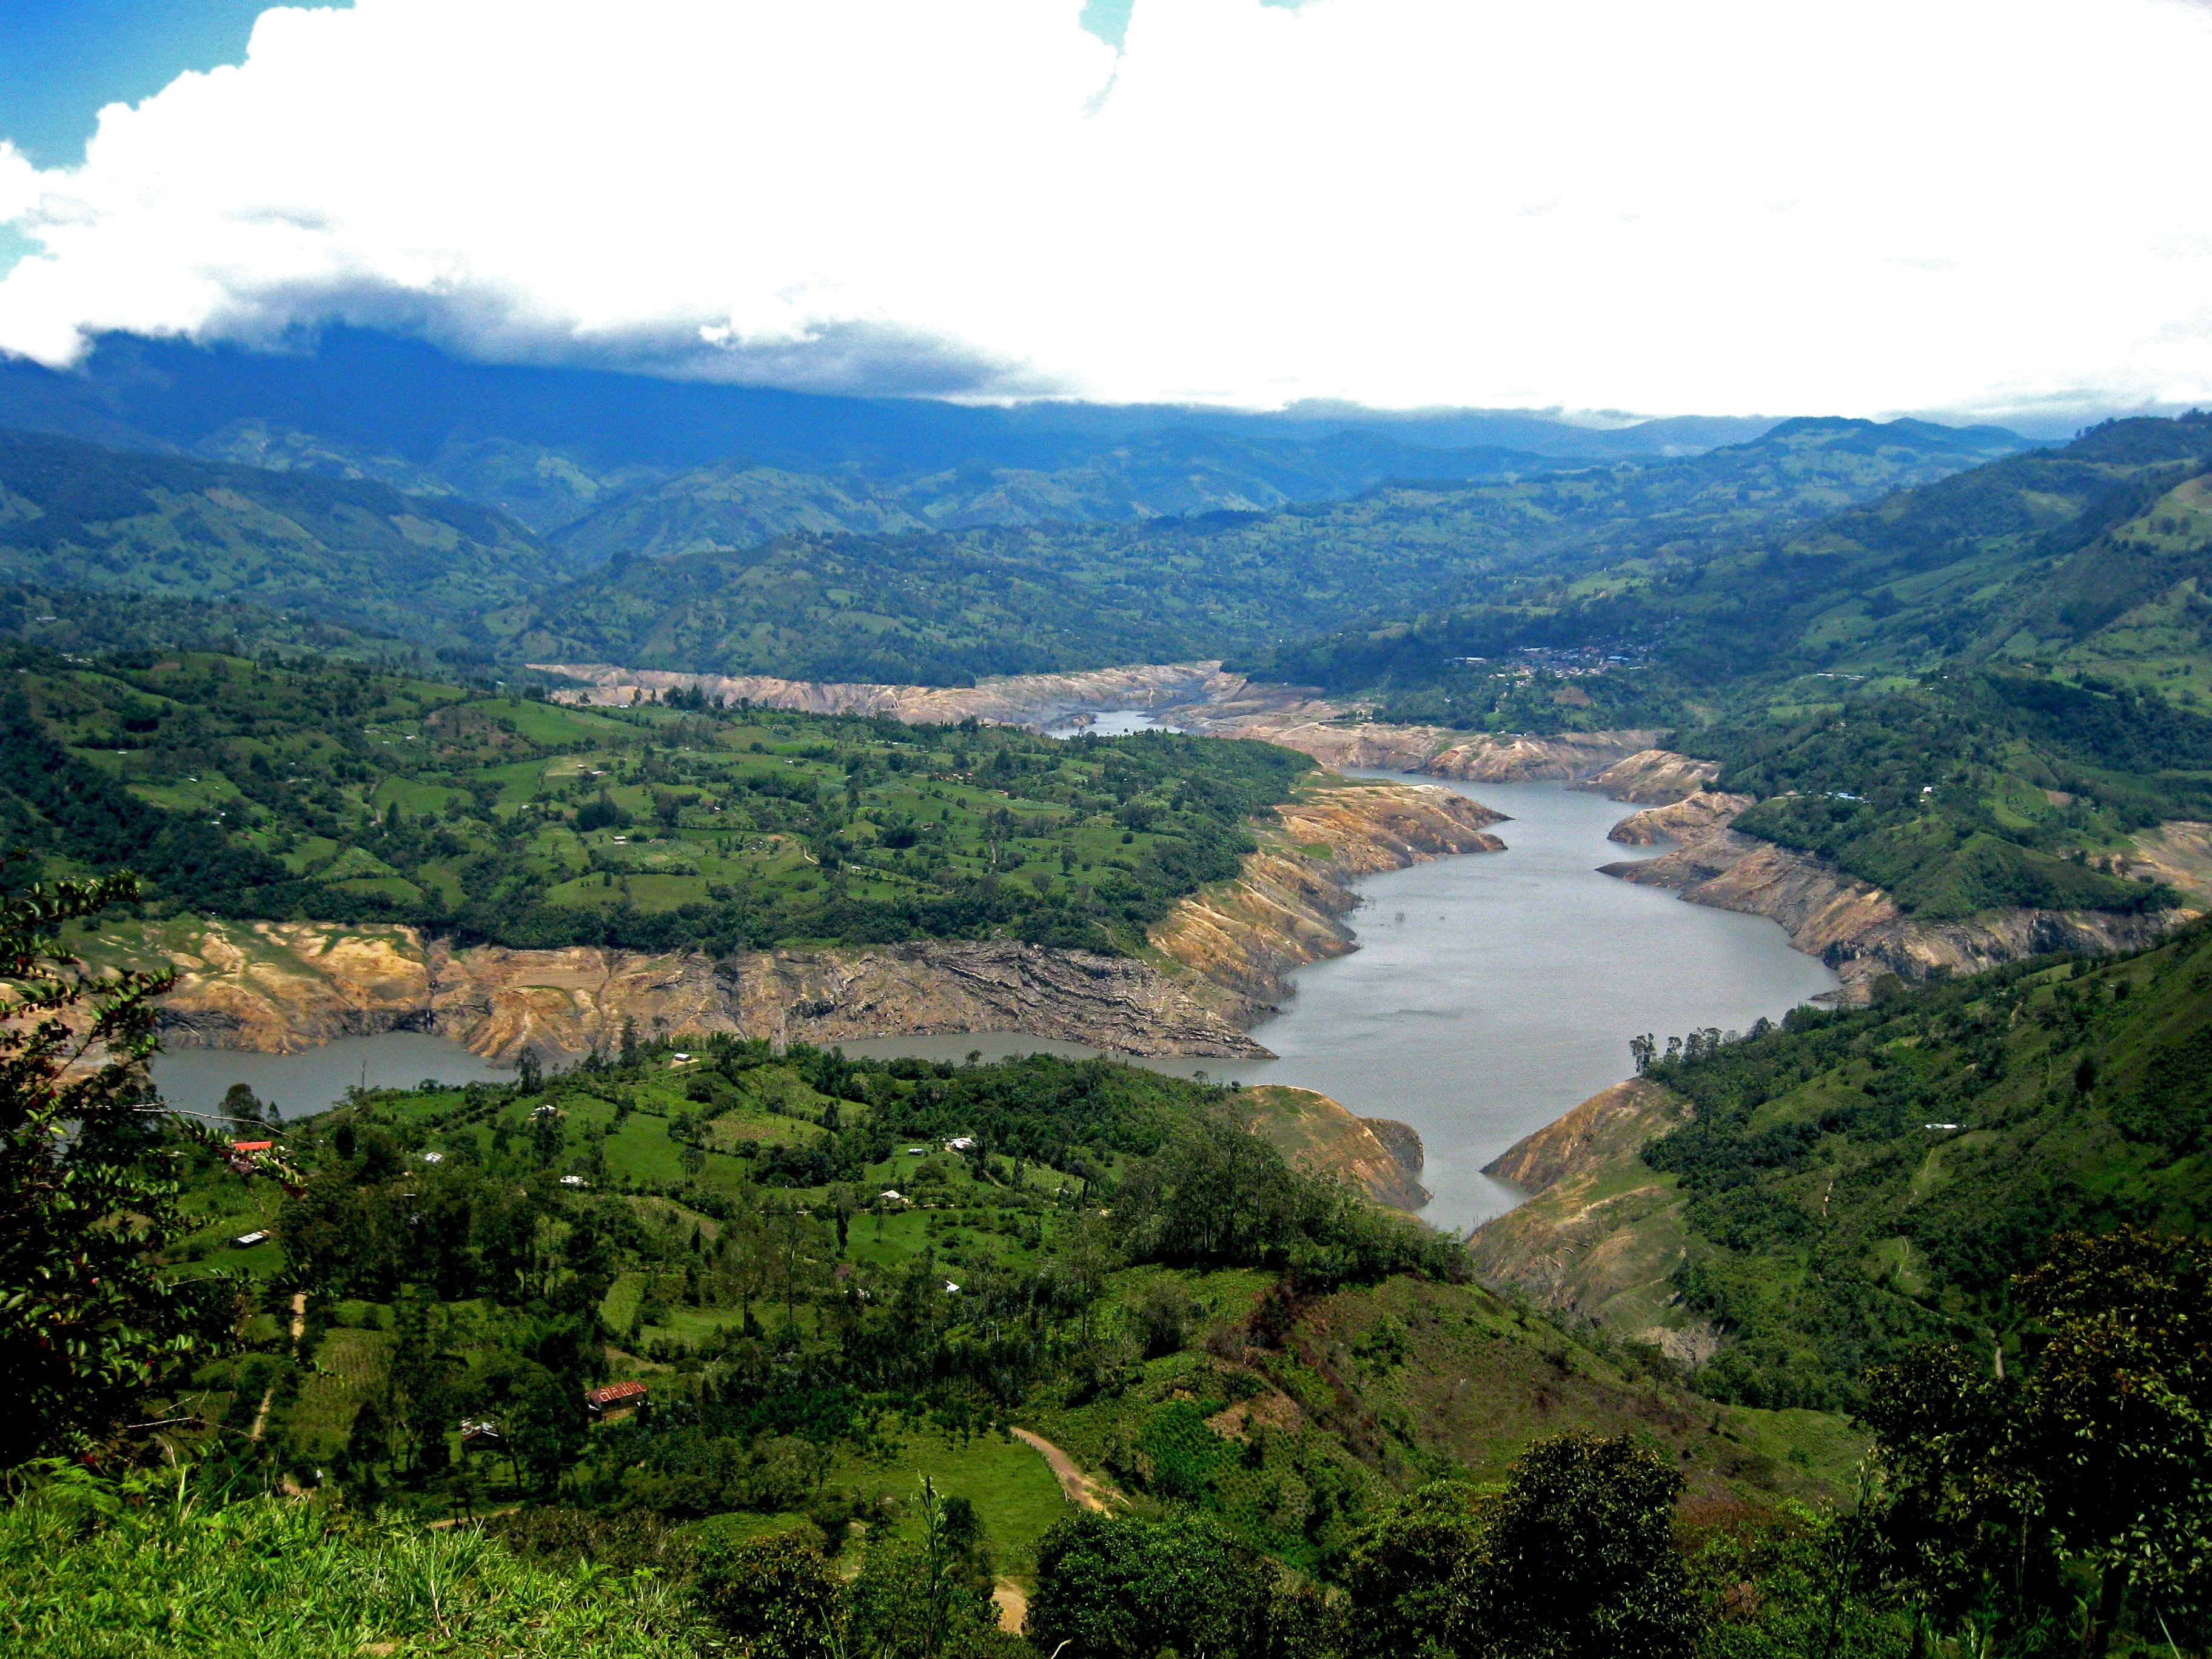 Represa del Guavio en Gachetá, Colombia